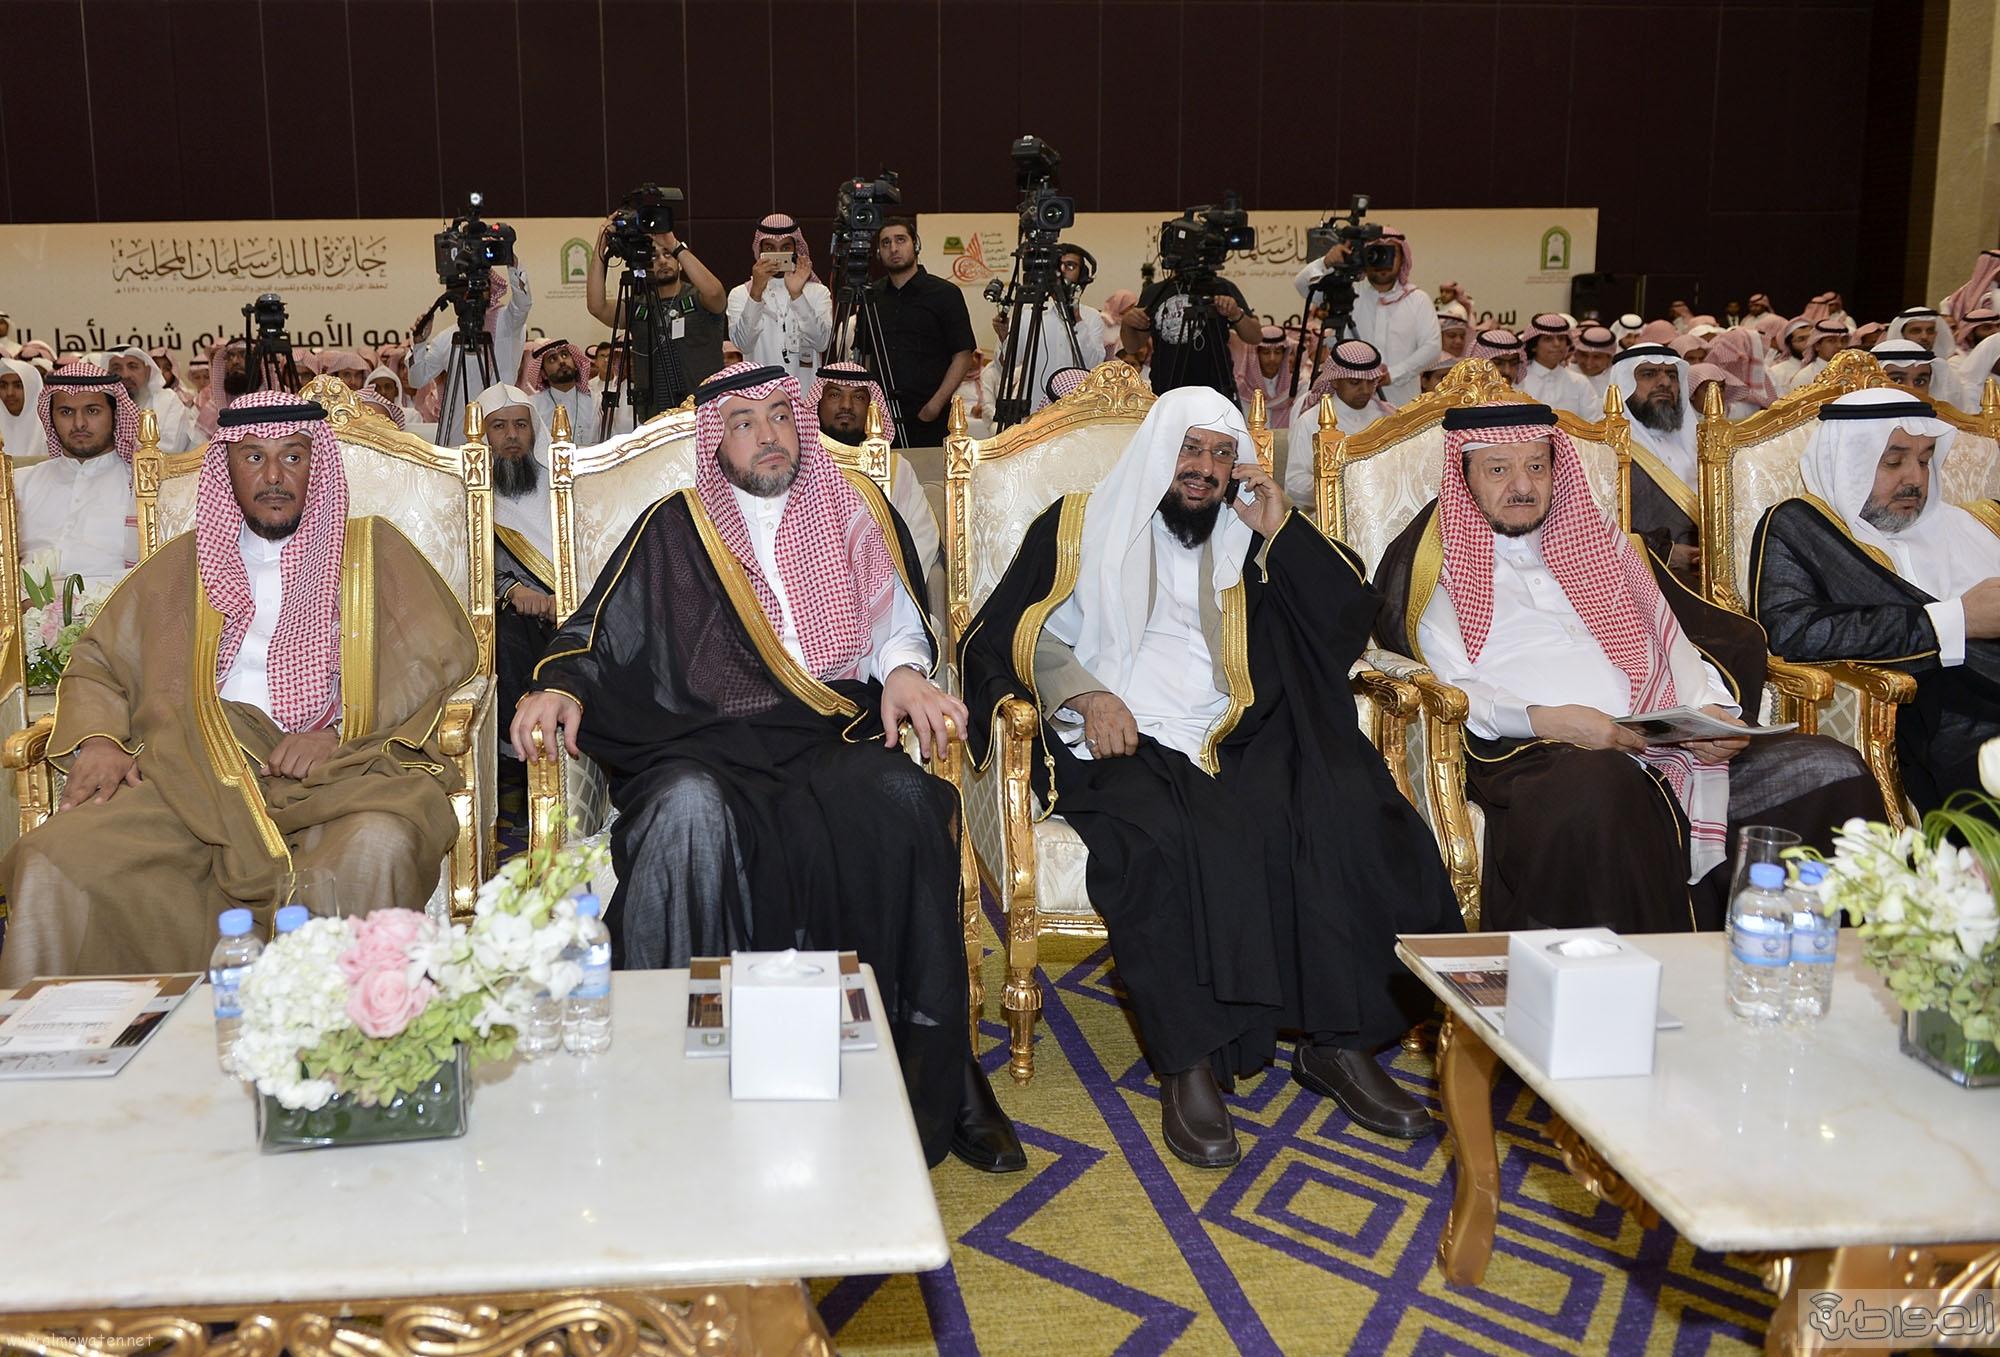 امير منطقة الرياض يرعى حفل اختتام مسابقة جائزة الملك سلمان لحفظ القران الكريم (7)